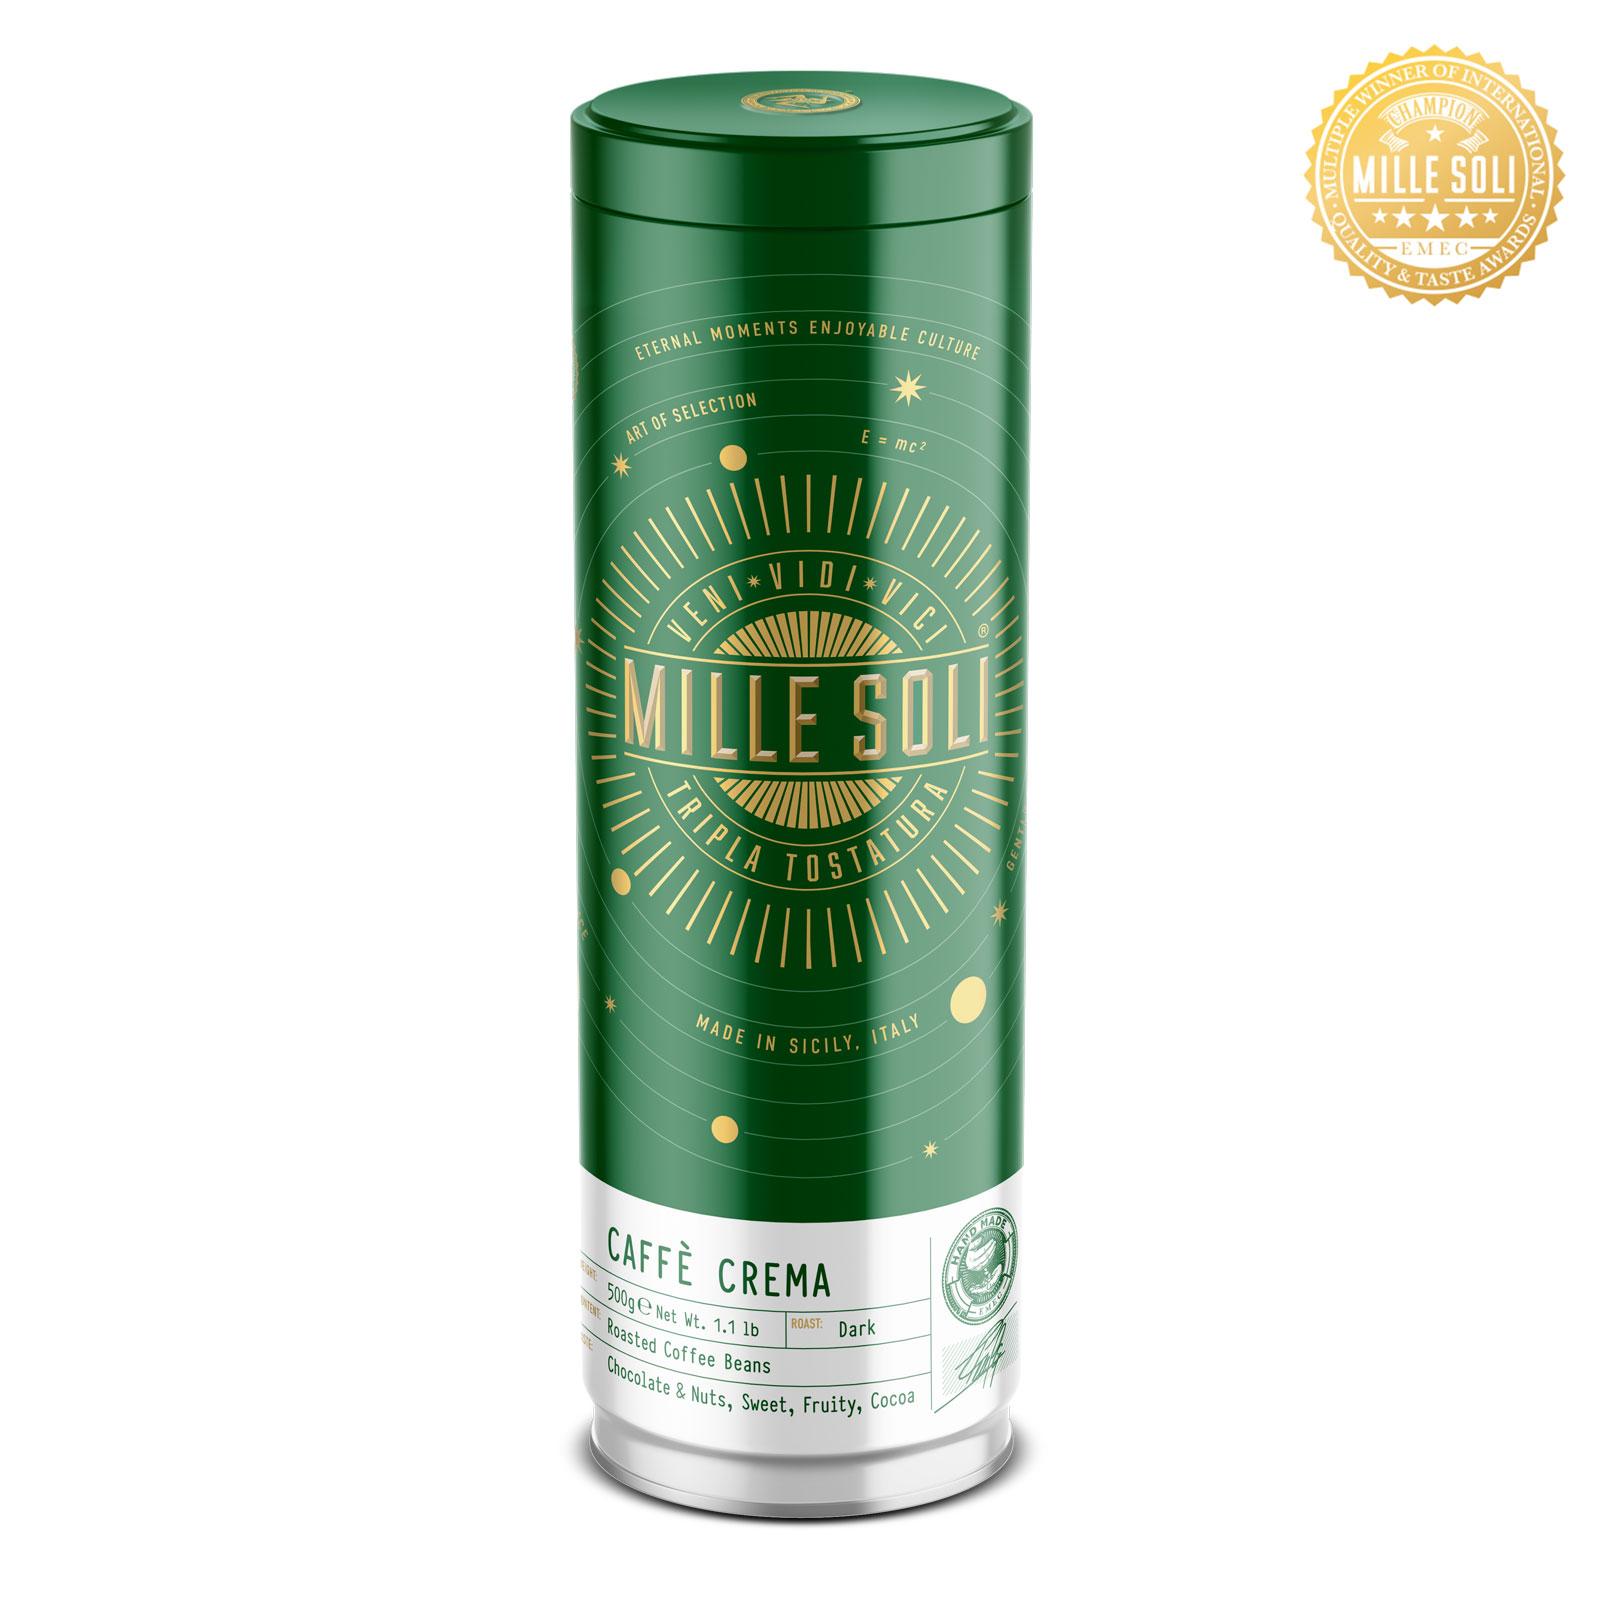 MILLE SOLI - Caffè Crema - 500g - Bohnen